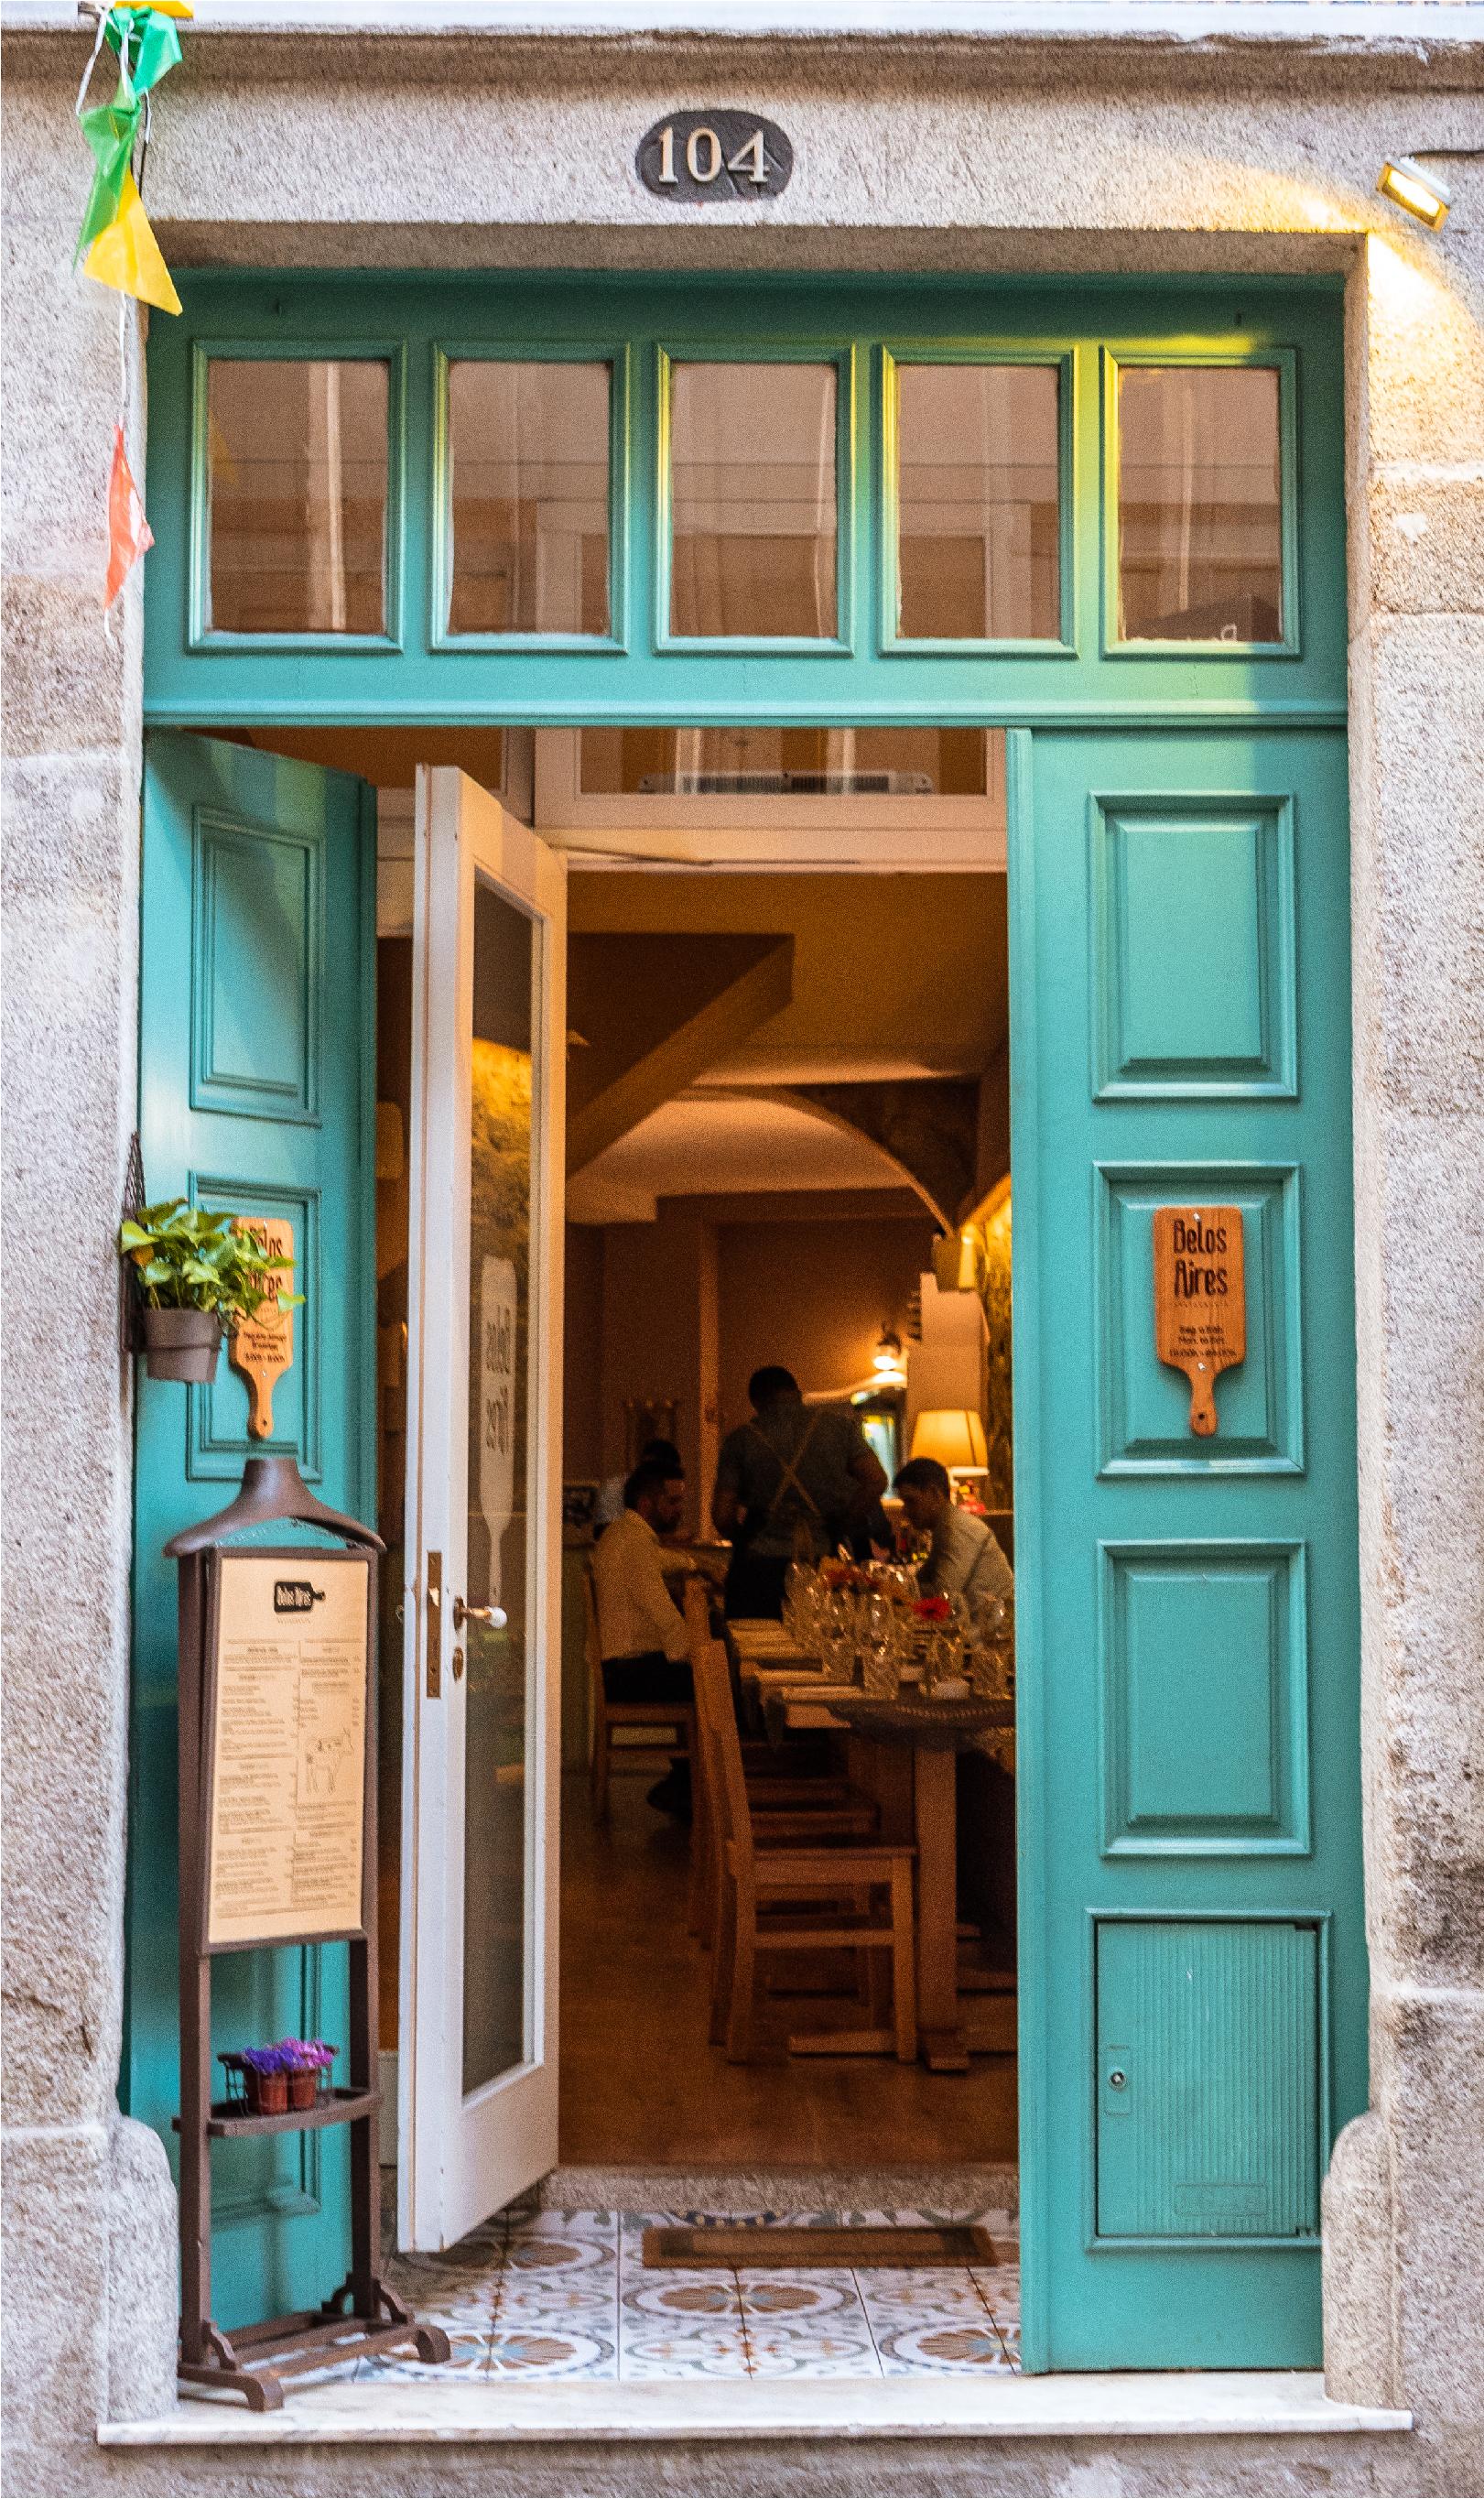 Belos Aires Restaurante-16.jpg